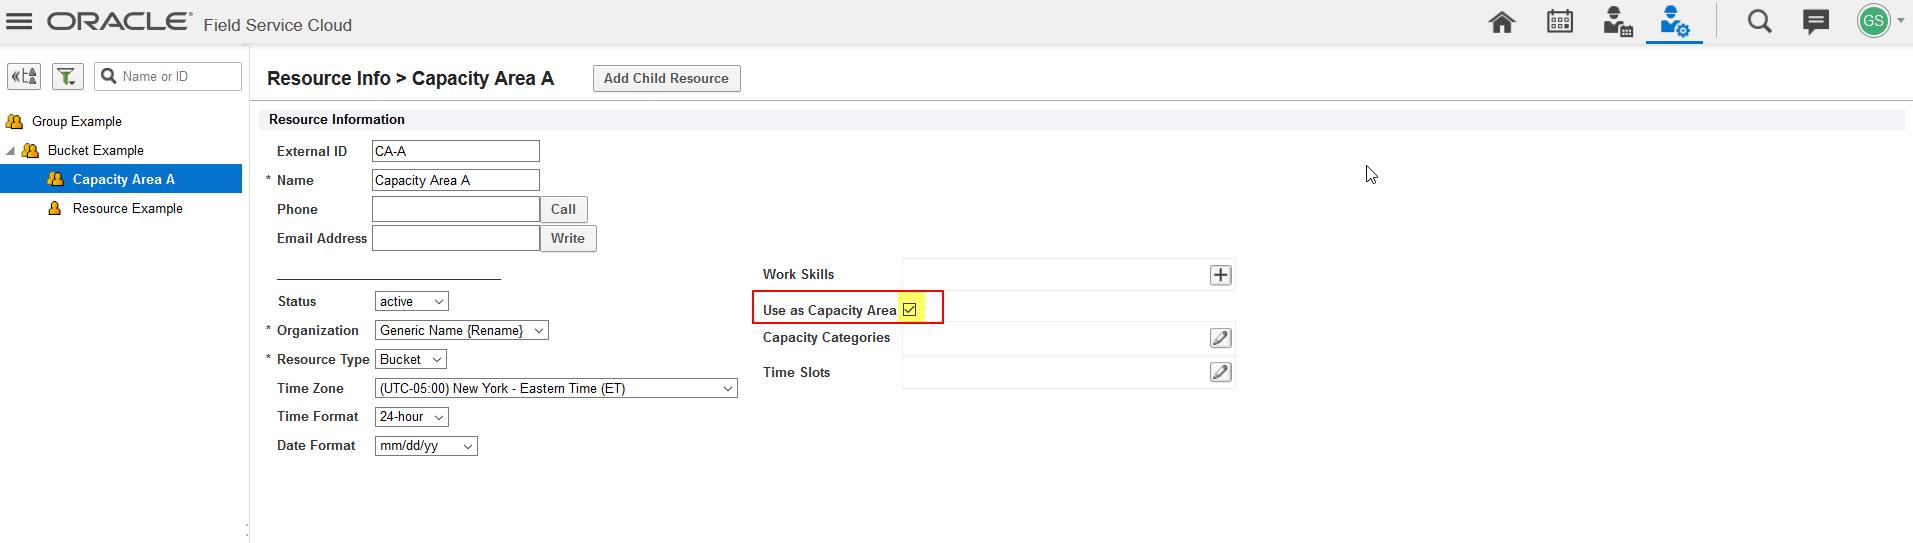 Recurso 'Capacity Area A' está selecionado na Árvore de Recursos. Na tela Recurso, o campo 'Use as Capacity Area' está selecionado.